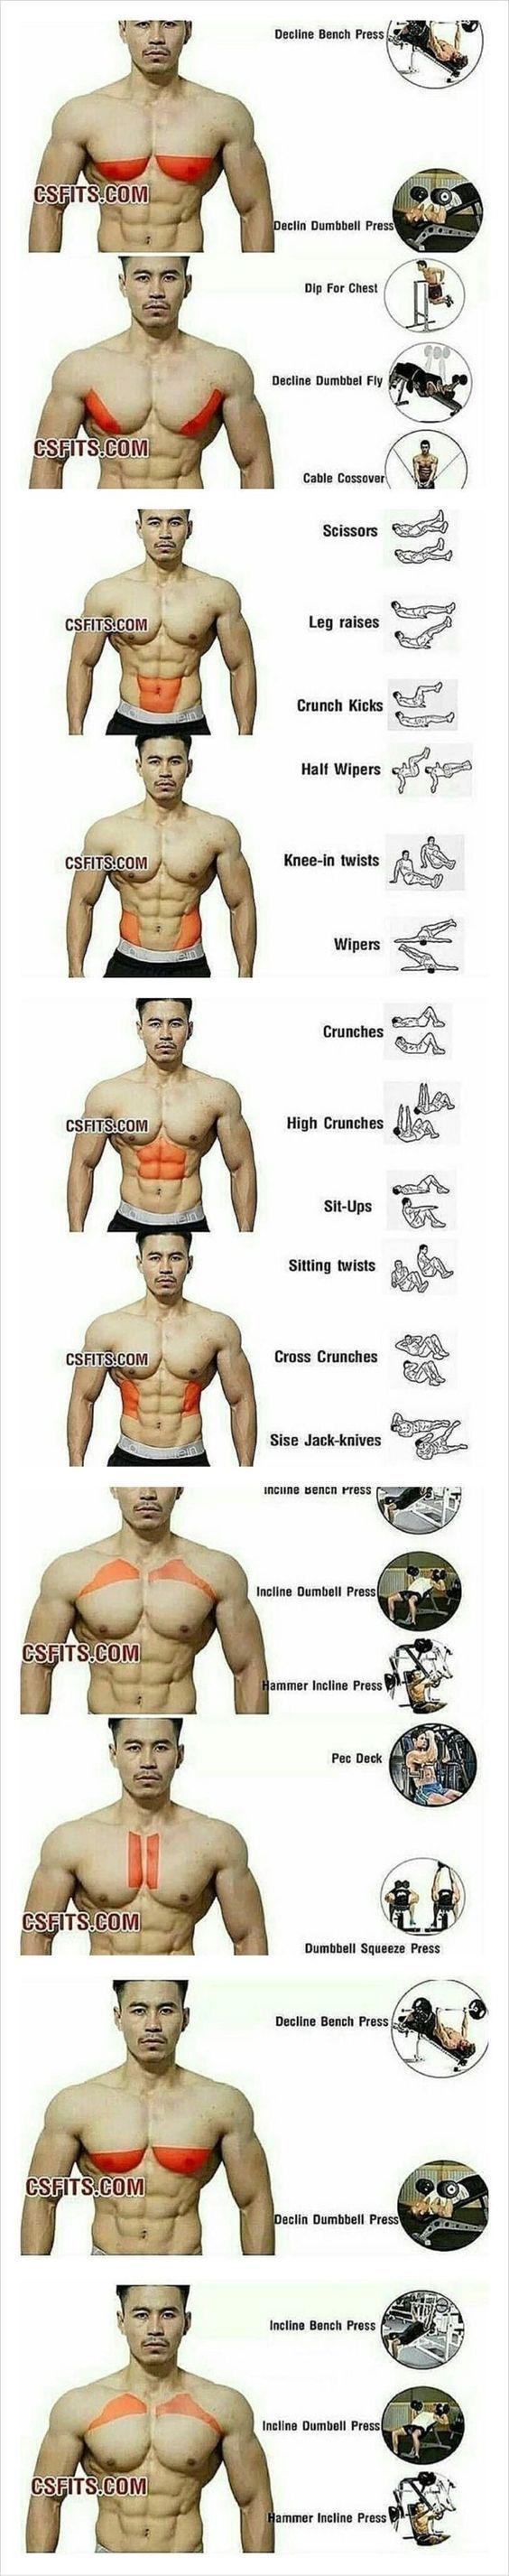 #Anatomie #eiweißshake kaufen #Fitn #fitnes #Gesundheit #humman #körperlich #Muskeln #Physiologie hu...